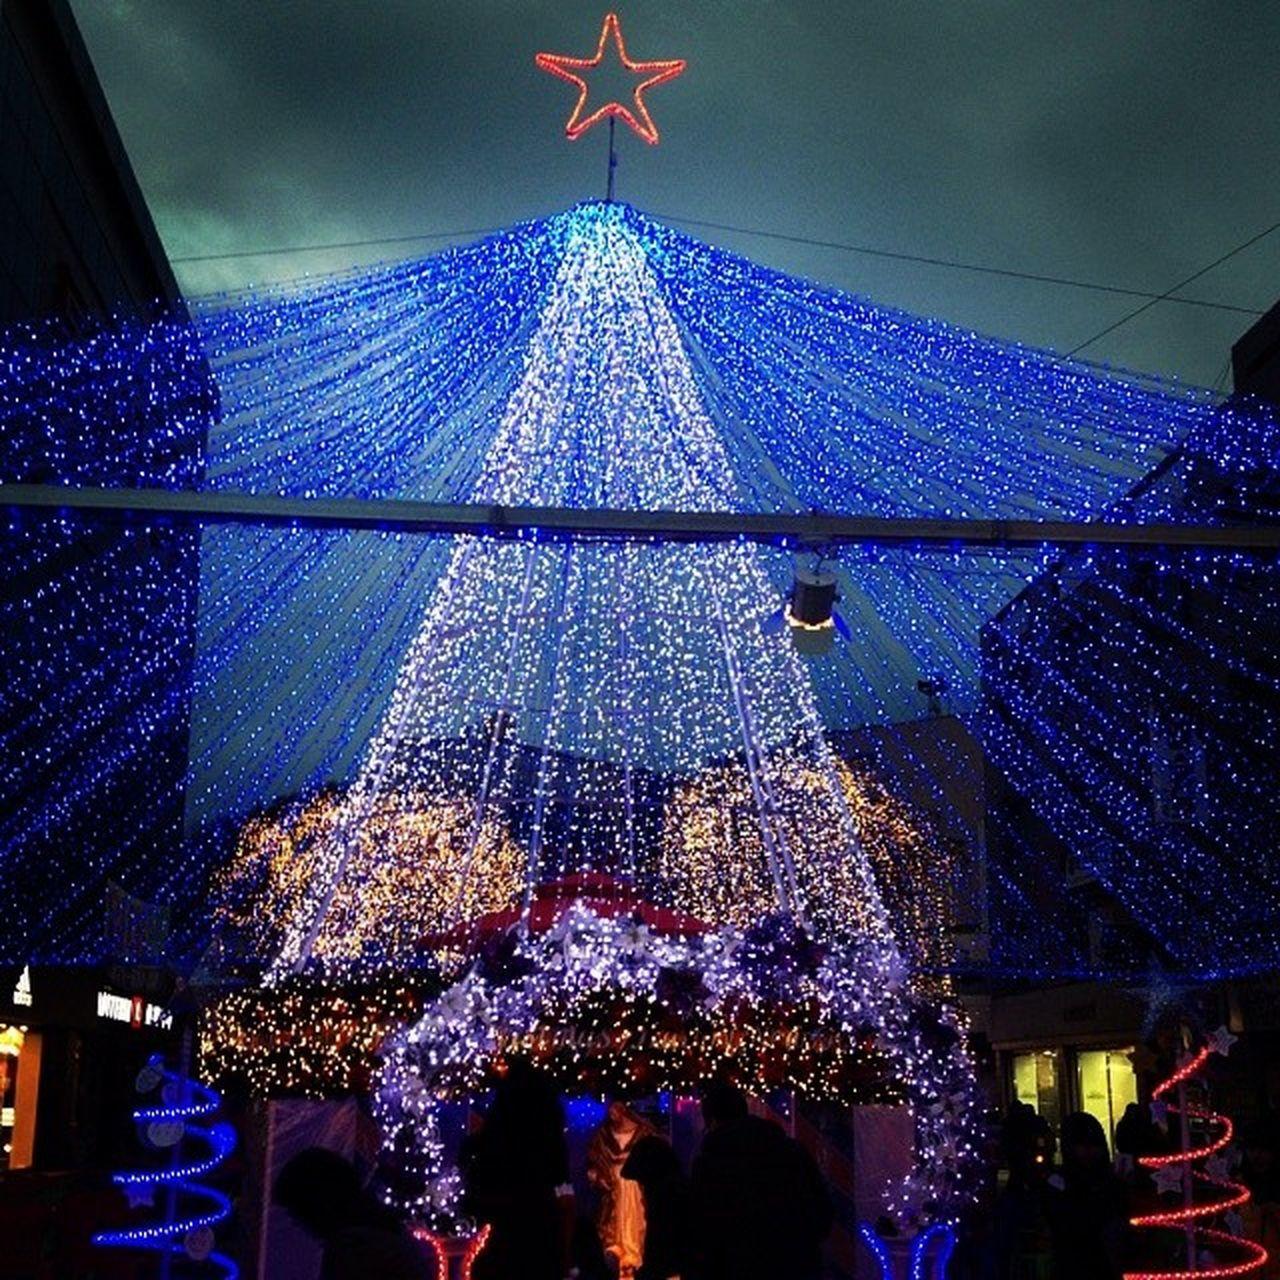 . 어두운 하늘에 밝은트리~ 일상 크리스마스트리 크리스마스트리축제